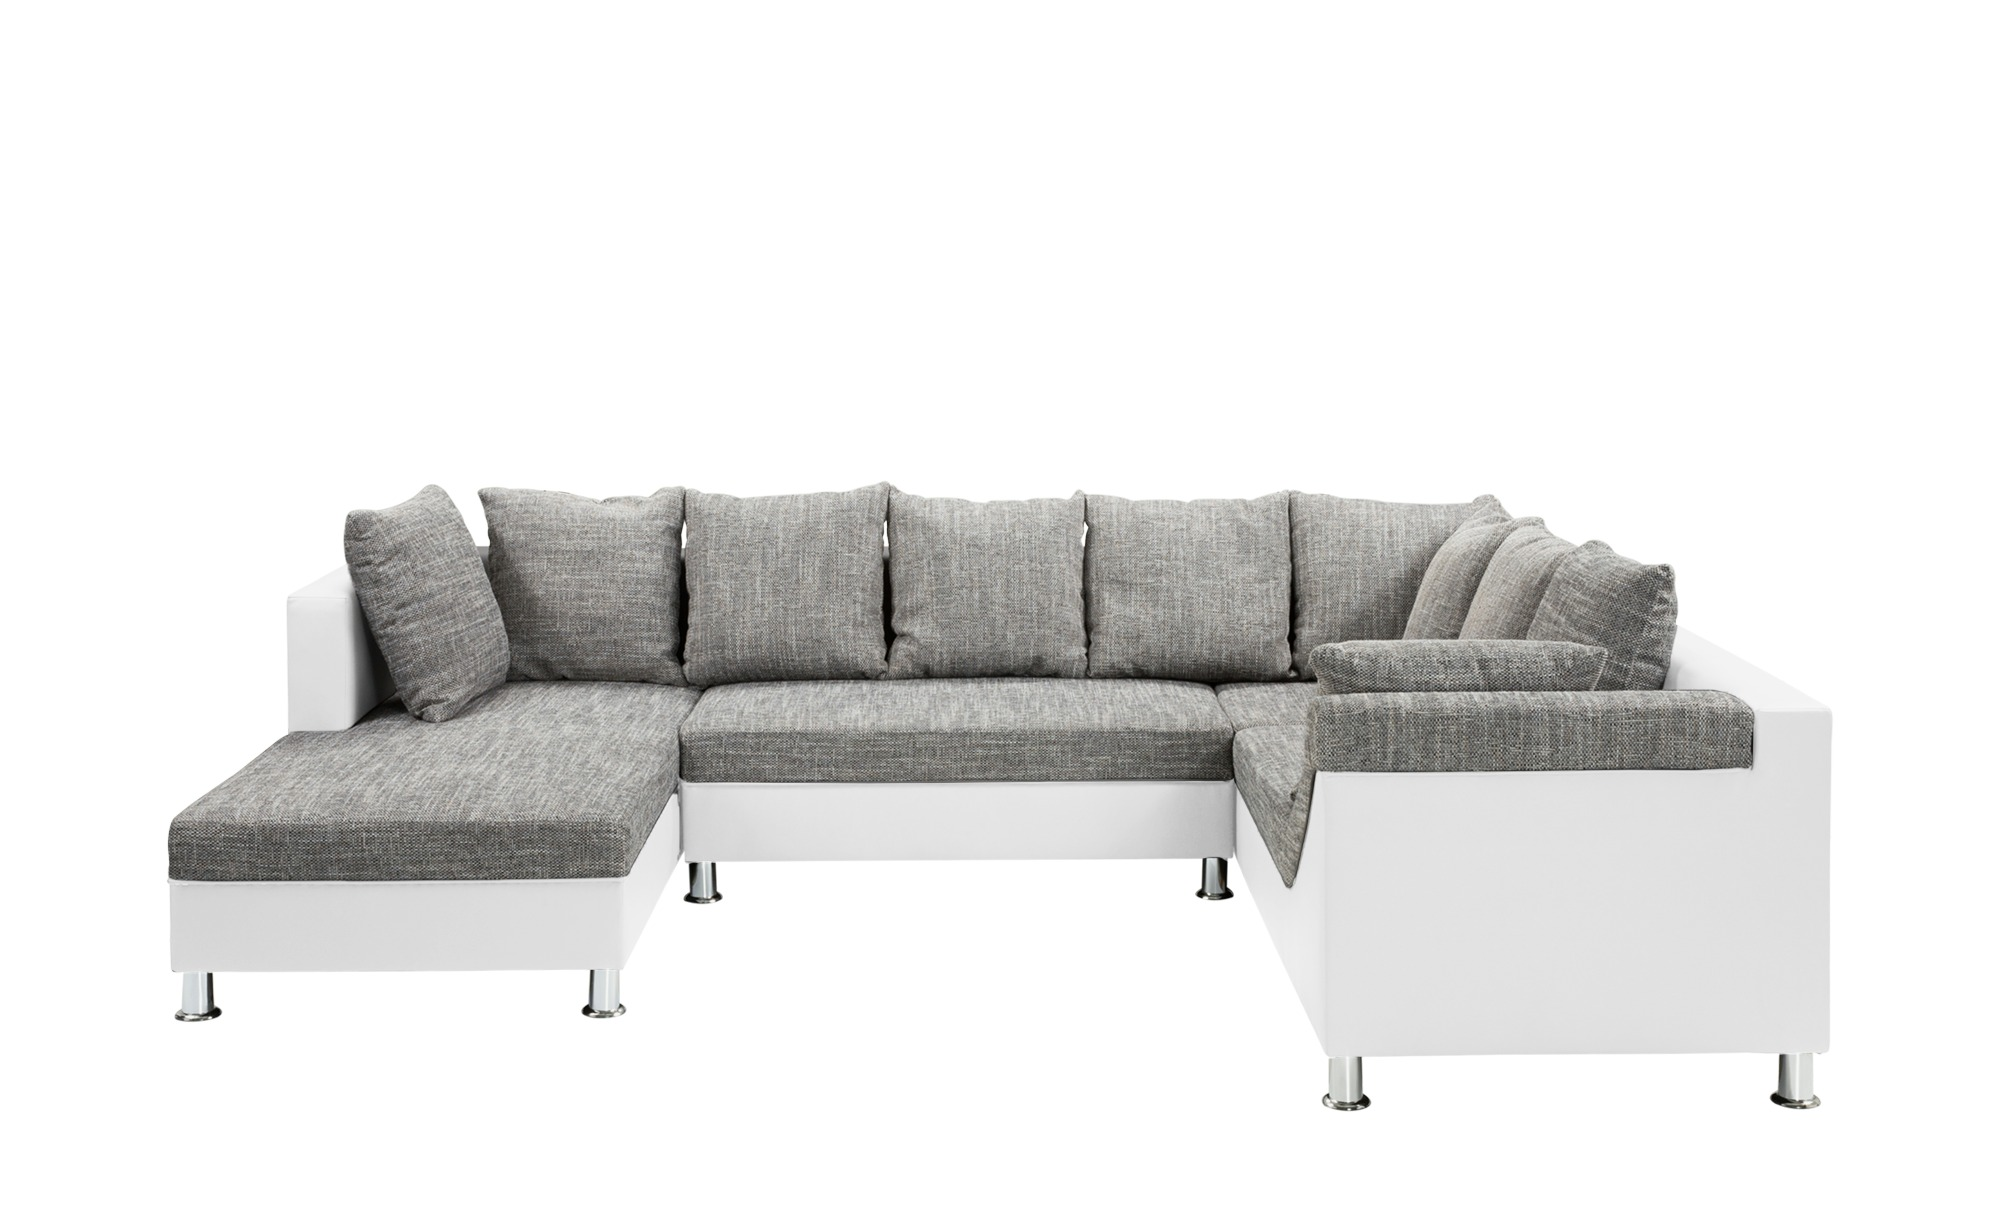 smart schlaf wohnlandschaft in wei grau phibie breite 320 cm h he online kaufen bei woonio. Black Bedroom Furniture Sets. Home Design Ideas